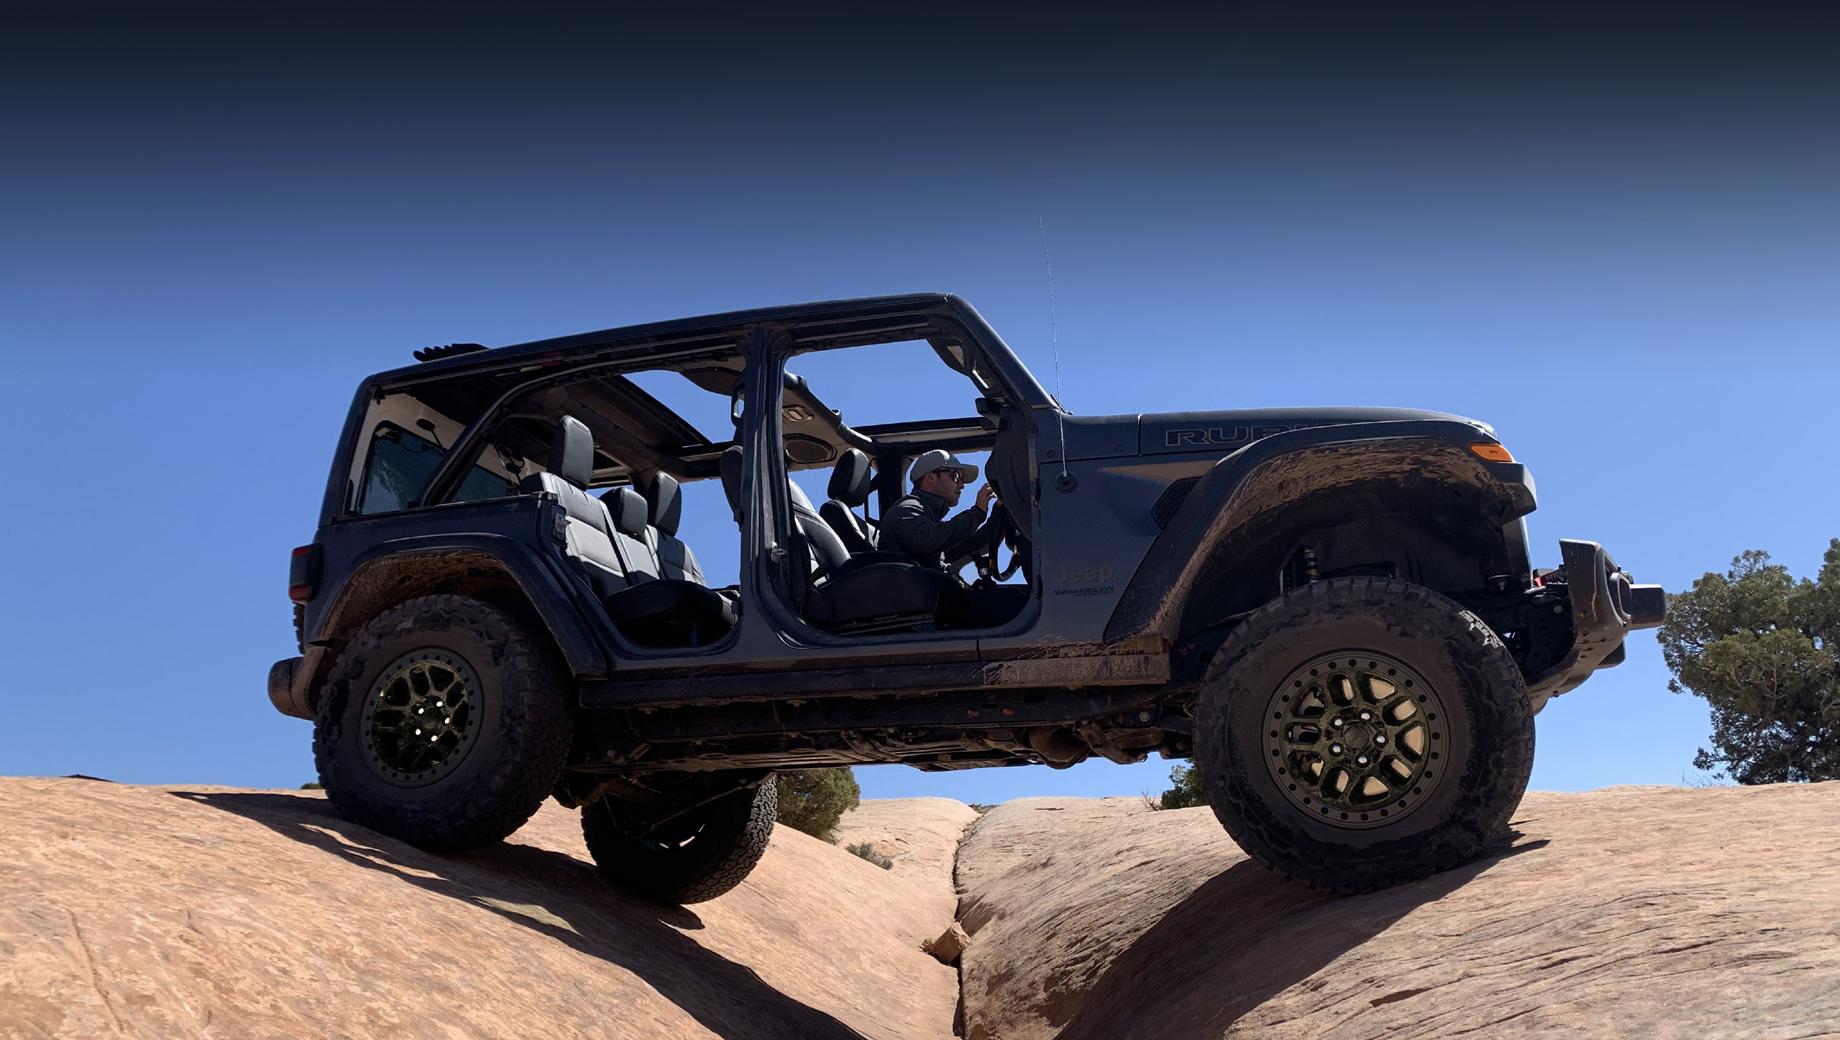 Jeep wrangler. Xtreme Recon будет одним из экспонатов Джипа на Чикагском автошоу, так что мировая премьера намечена на 14 июля. Заказы на такую версию открыты, а серийный выпуск начнётся в августе.